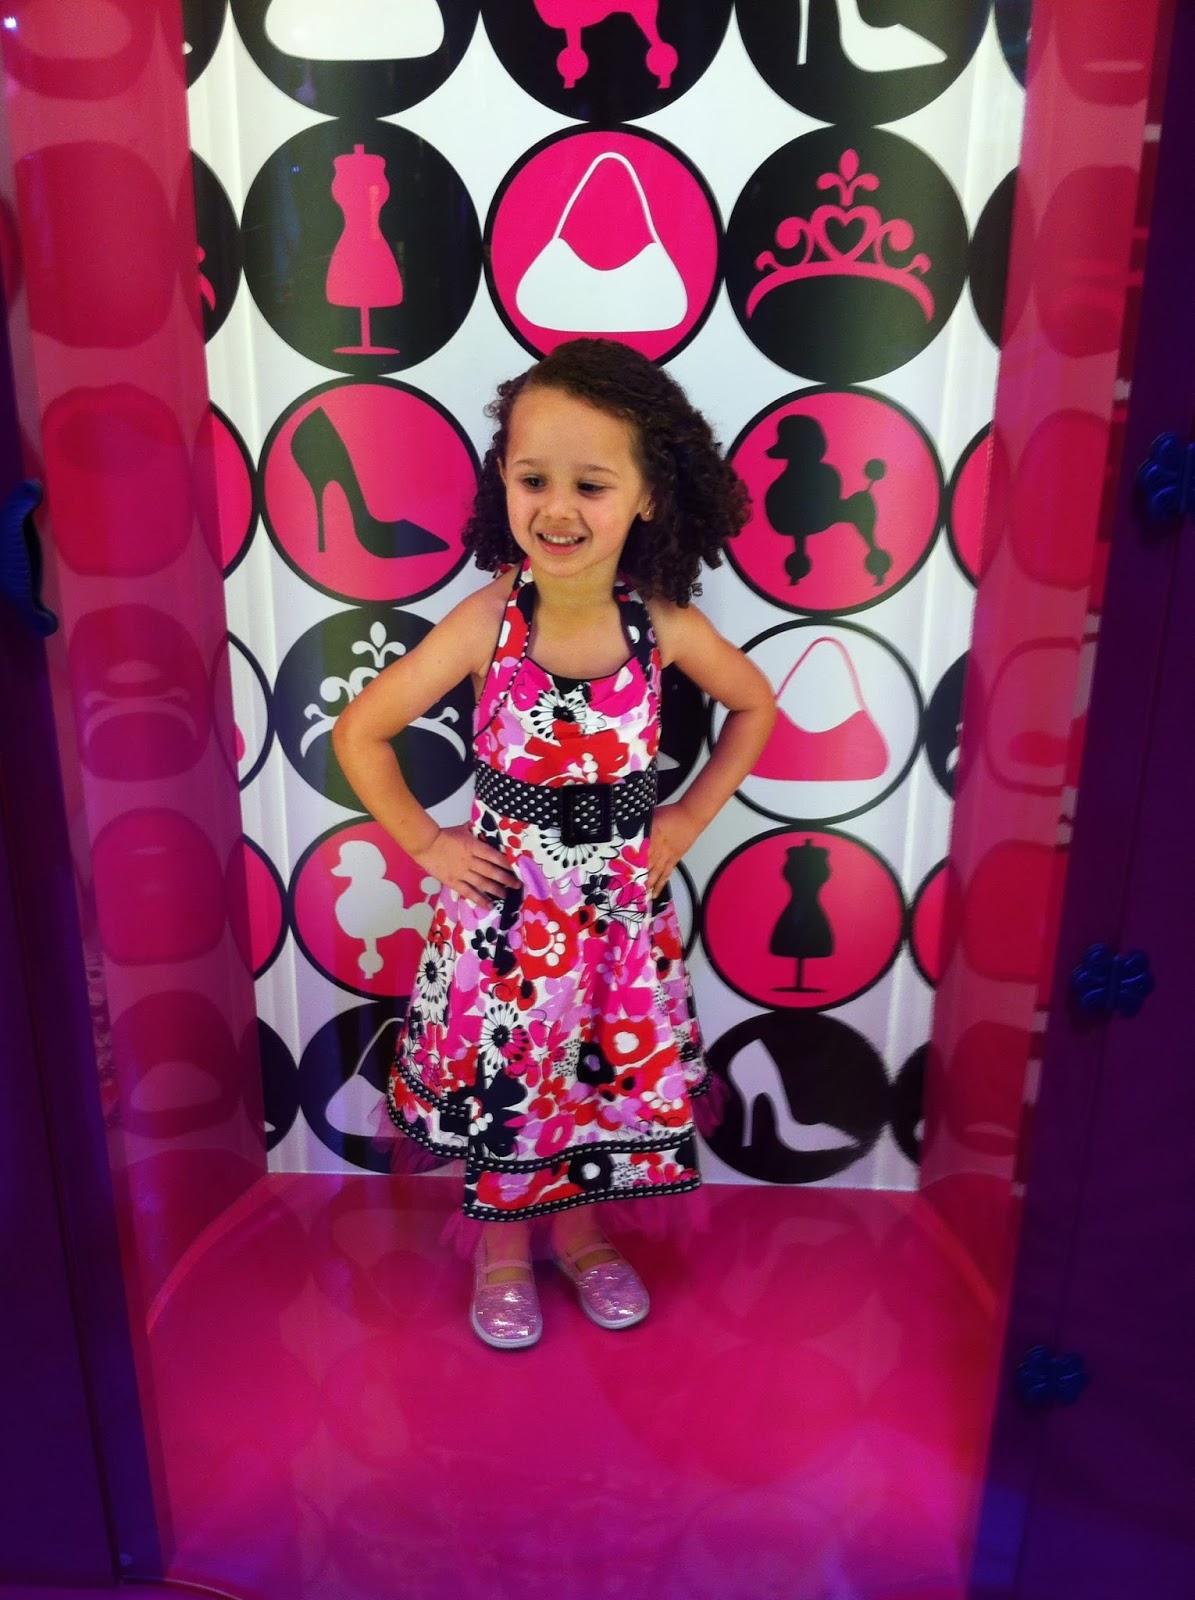 Fomos e aprovamos: A Casa da Barbie The Dreamhouse Experience ~ Big  #8A103E 1195x1600 Banheiro Da Barbie De Papelão